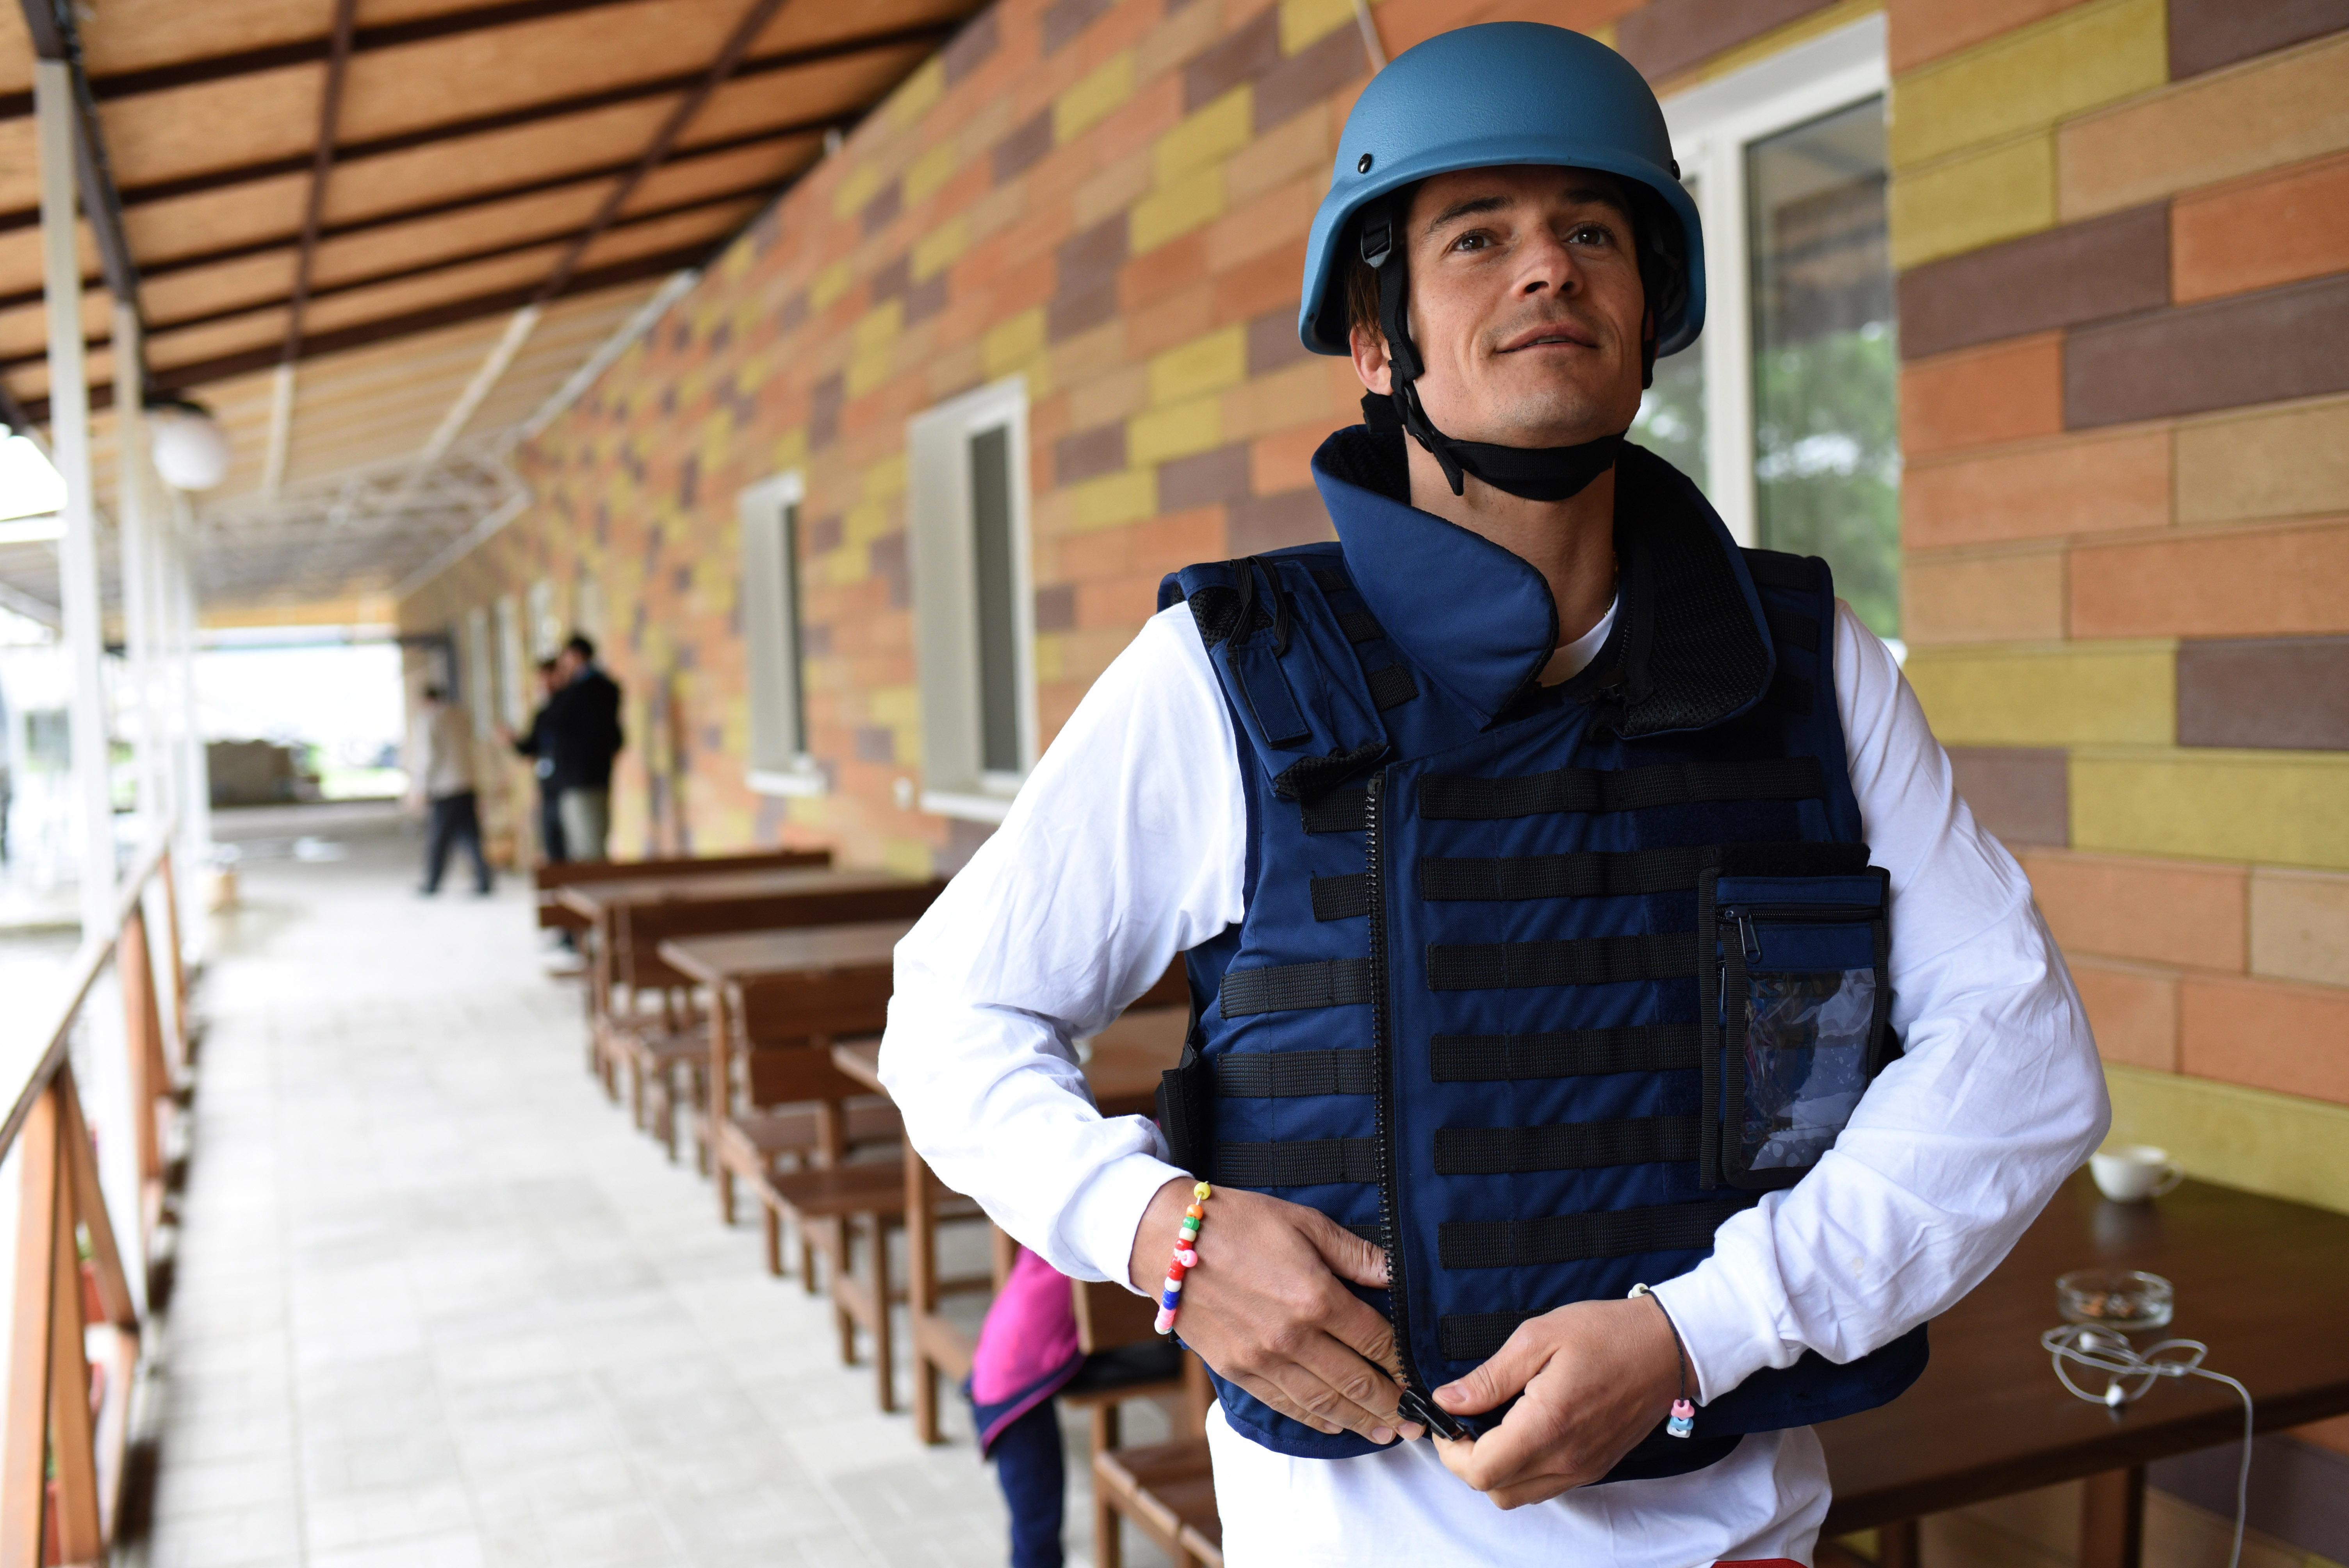 Orlando Bloom visits Ukraine on UNICEF mission